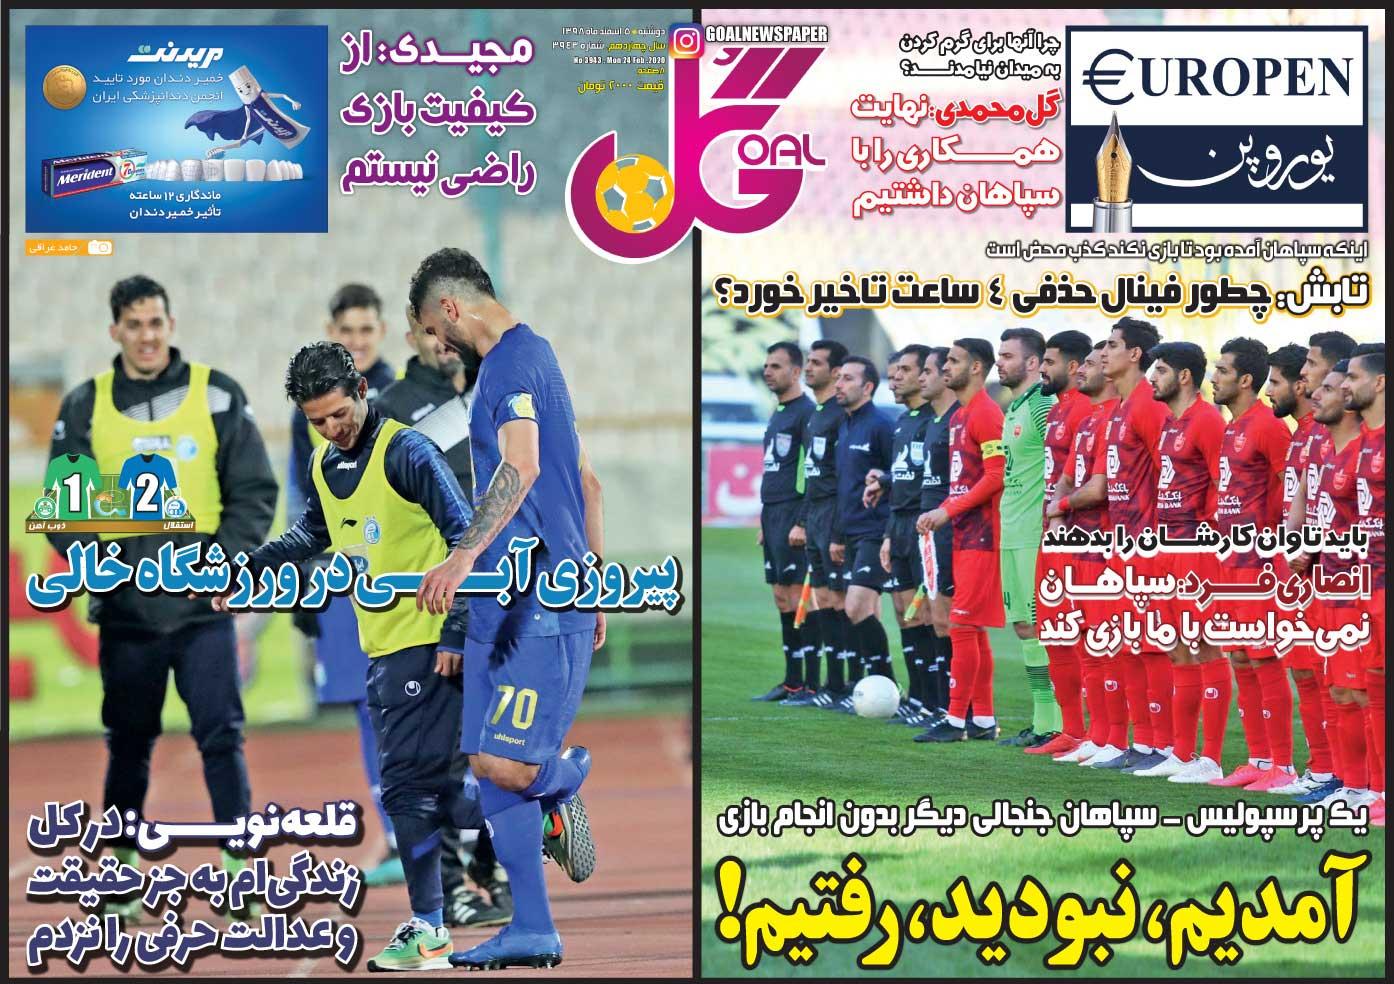 صفحه اول روزنامه گل دوشنبه ۵ اسفند ۹۸